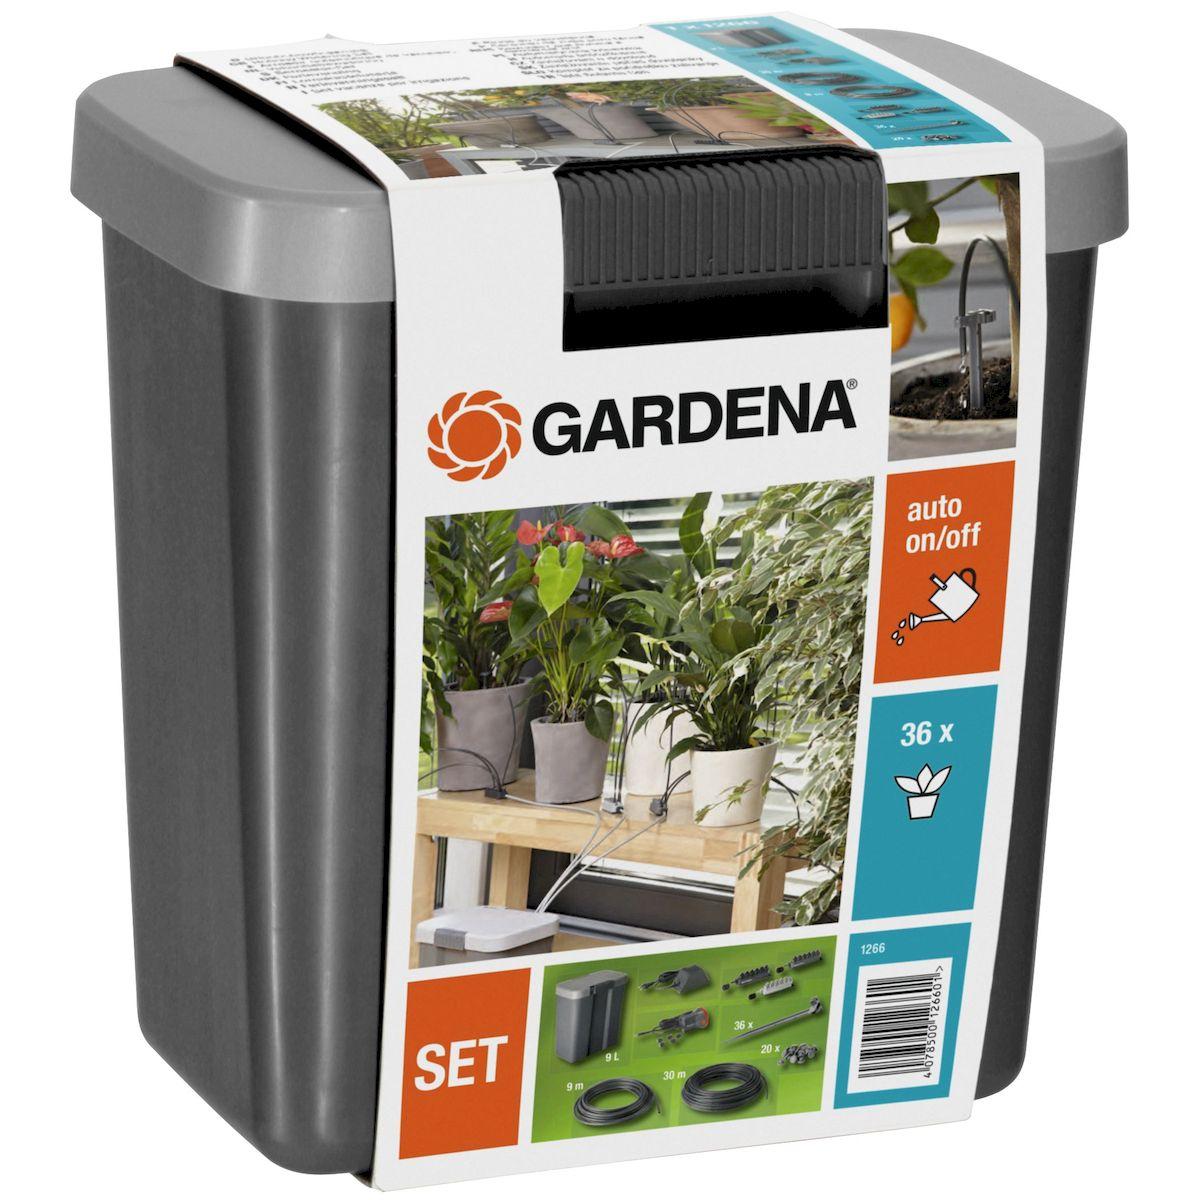 Gardena Комплект для полива в выходные дни с емкостью 9л01266-20.000.00Комплект для автоматического капельного полива до 36-ти горшечных растений. Идеально заменит Вас во время отпуска. 3 распределителя с различной подачей воды, по 12 выходов на каждом для точной дозировки полива растений.